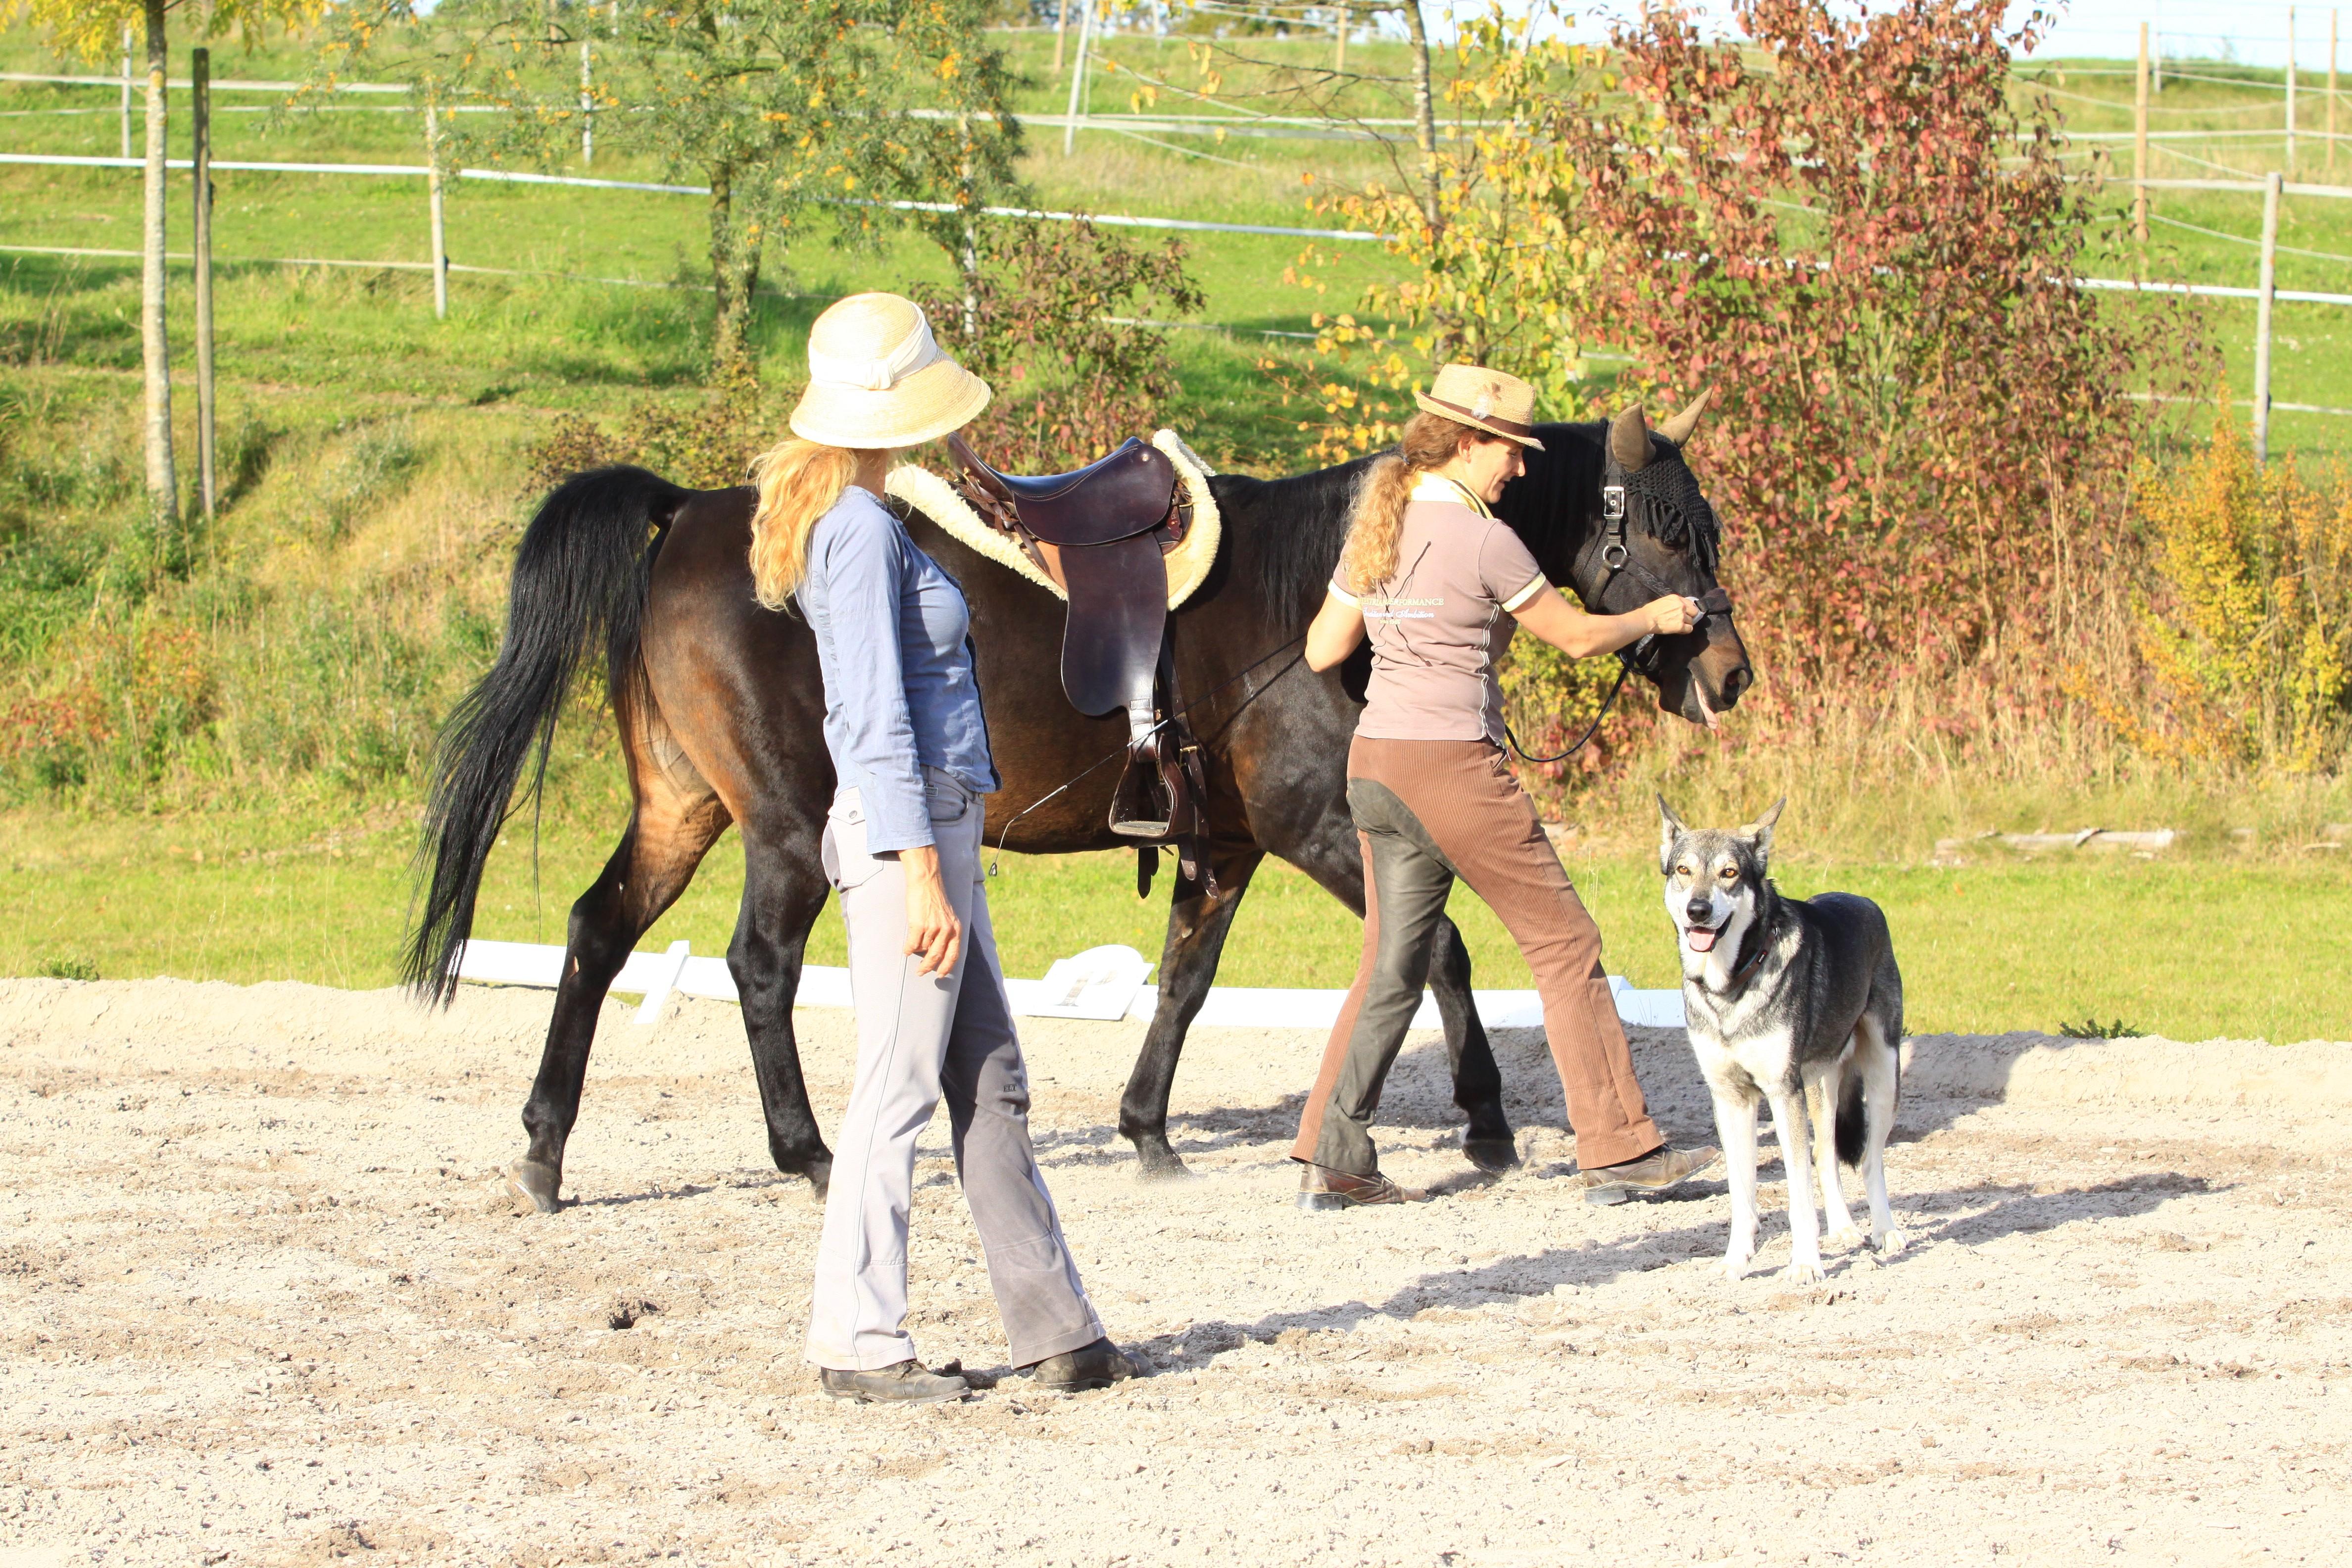 Pferd Reiten Lernen Und Reiter Reiten Lernen